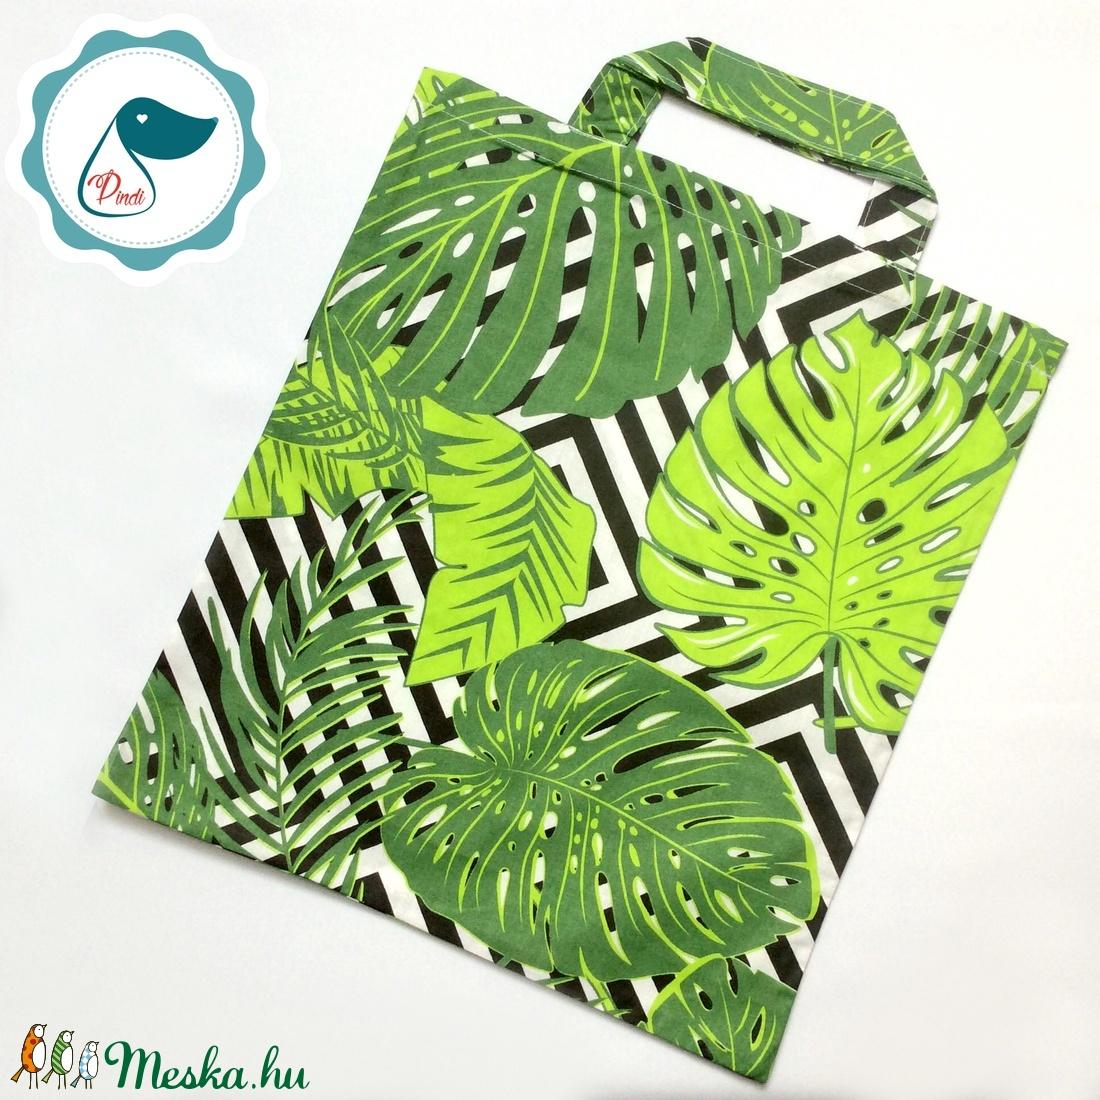 Szatyor - pálmalevél mintás textil táska - bevásárló táska - egyedi bevásárló szatyor - textil szatyor - mosható szatyor - táska & tok - bevásárlás & shopper táska - shopper, textiltáska, szatyor - Meska.hu